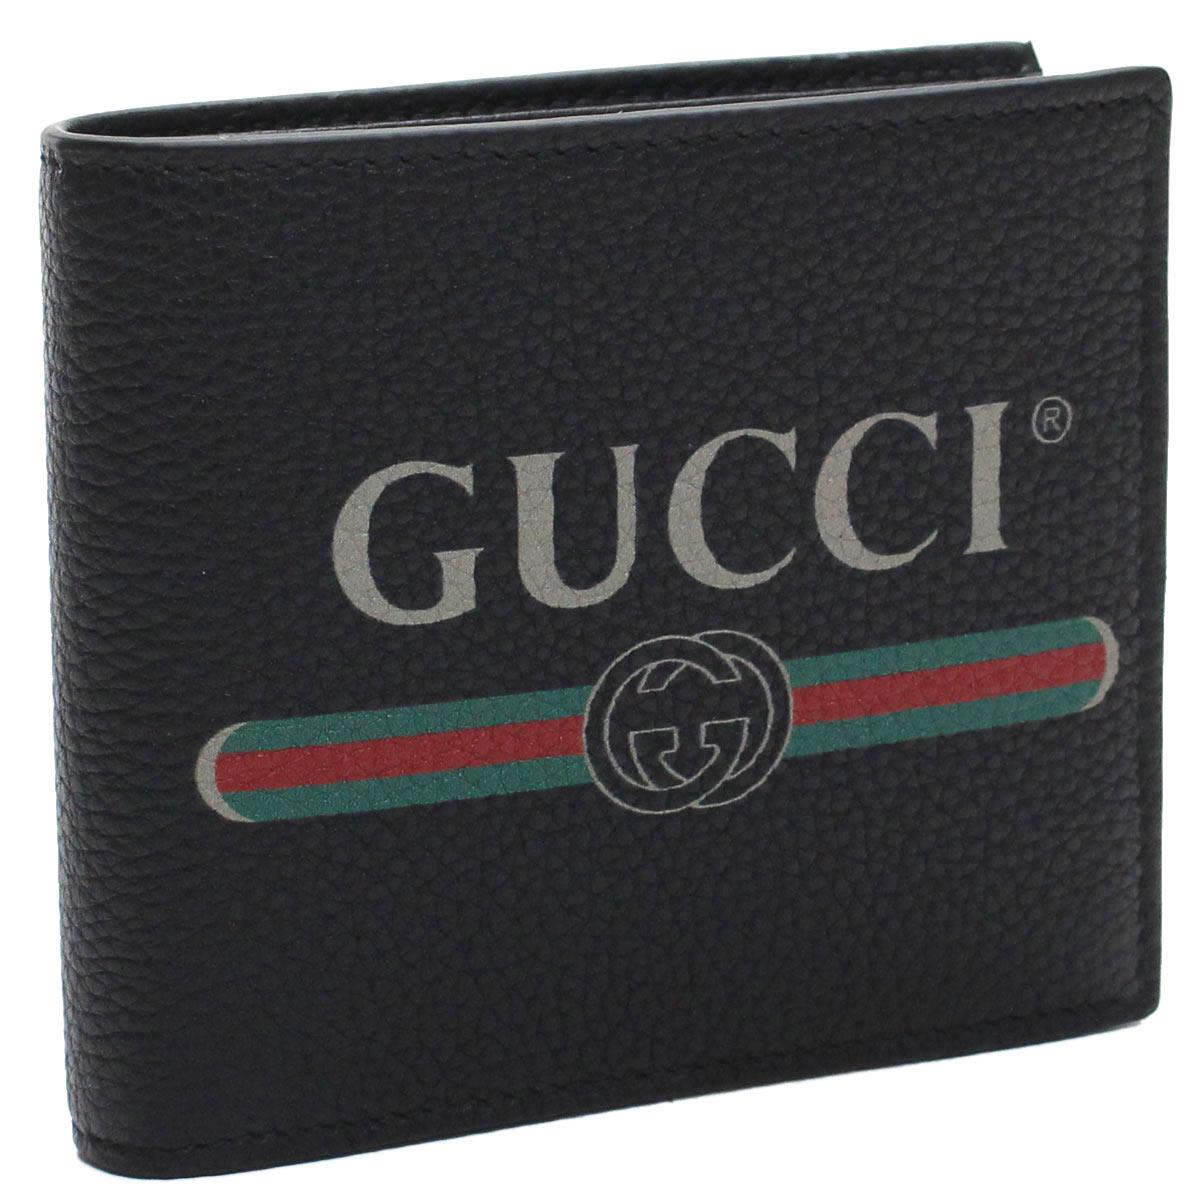 グッチ GUCCI GUCCI PRINT ヴィンテージロゴ プリント 2つ折り財布 コンパクト財布 496316 0GCAT 8163 ブラック メンズ